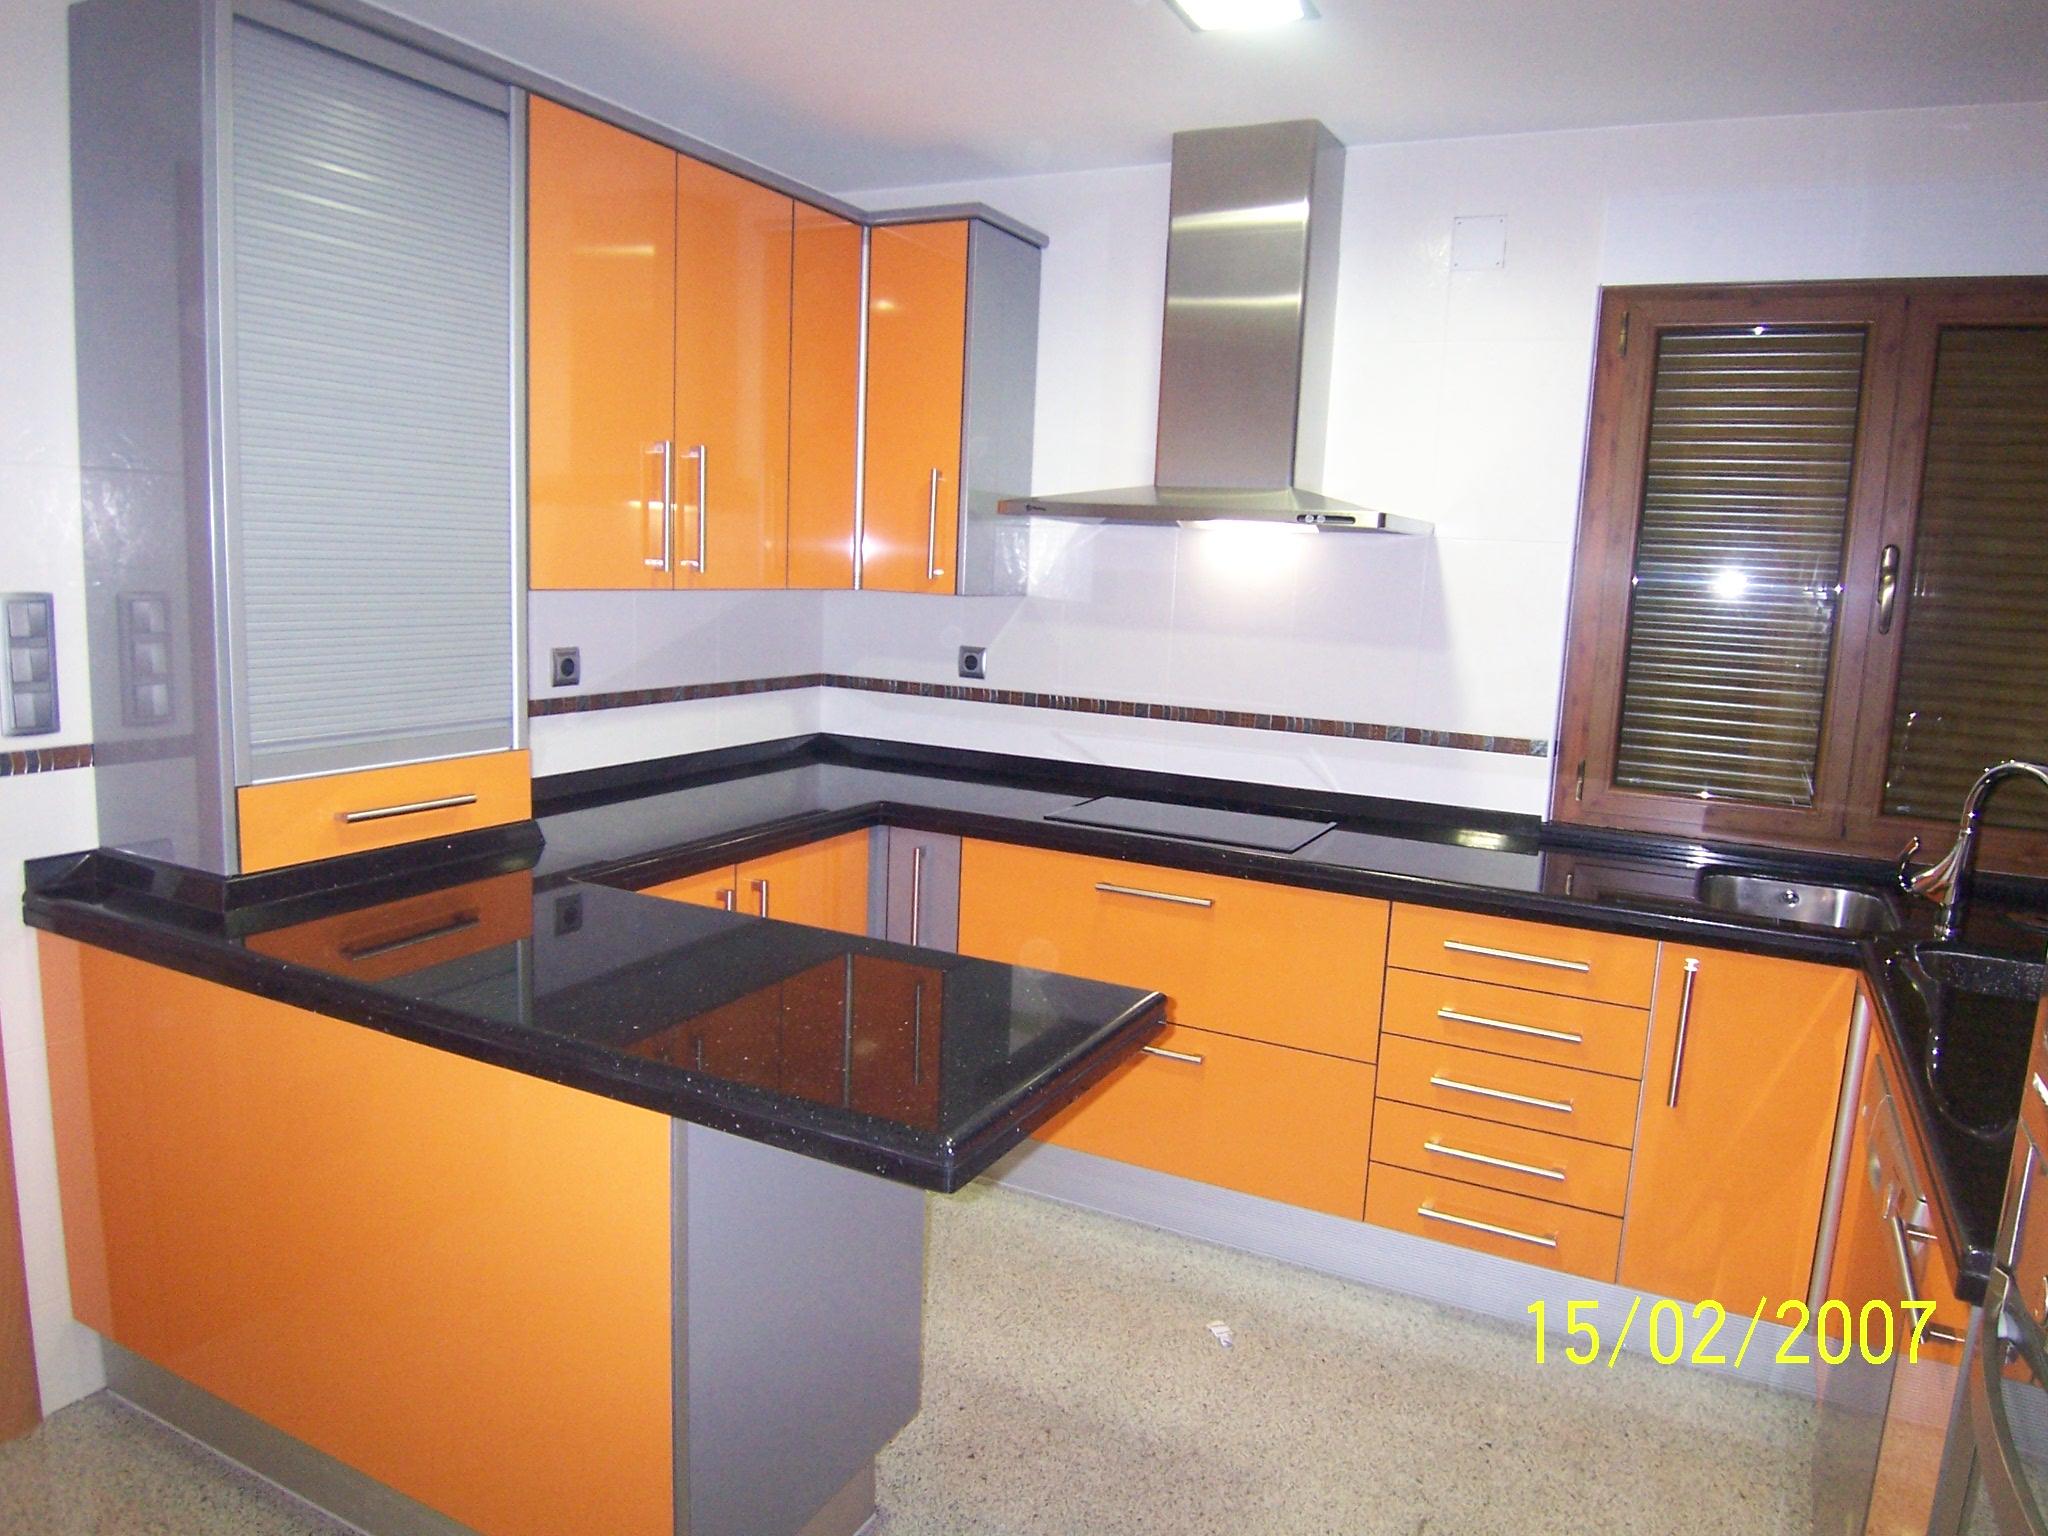 Cocina naranja y gris cocina with cocina naranja y gris for Pintura naranja para cocina